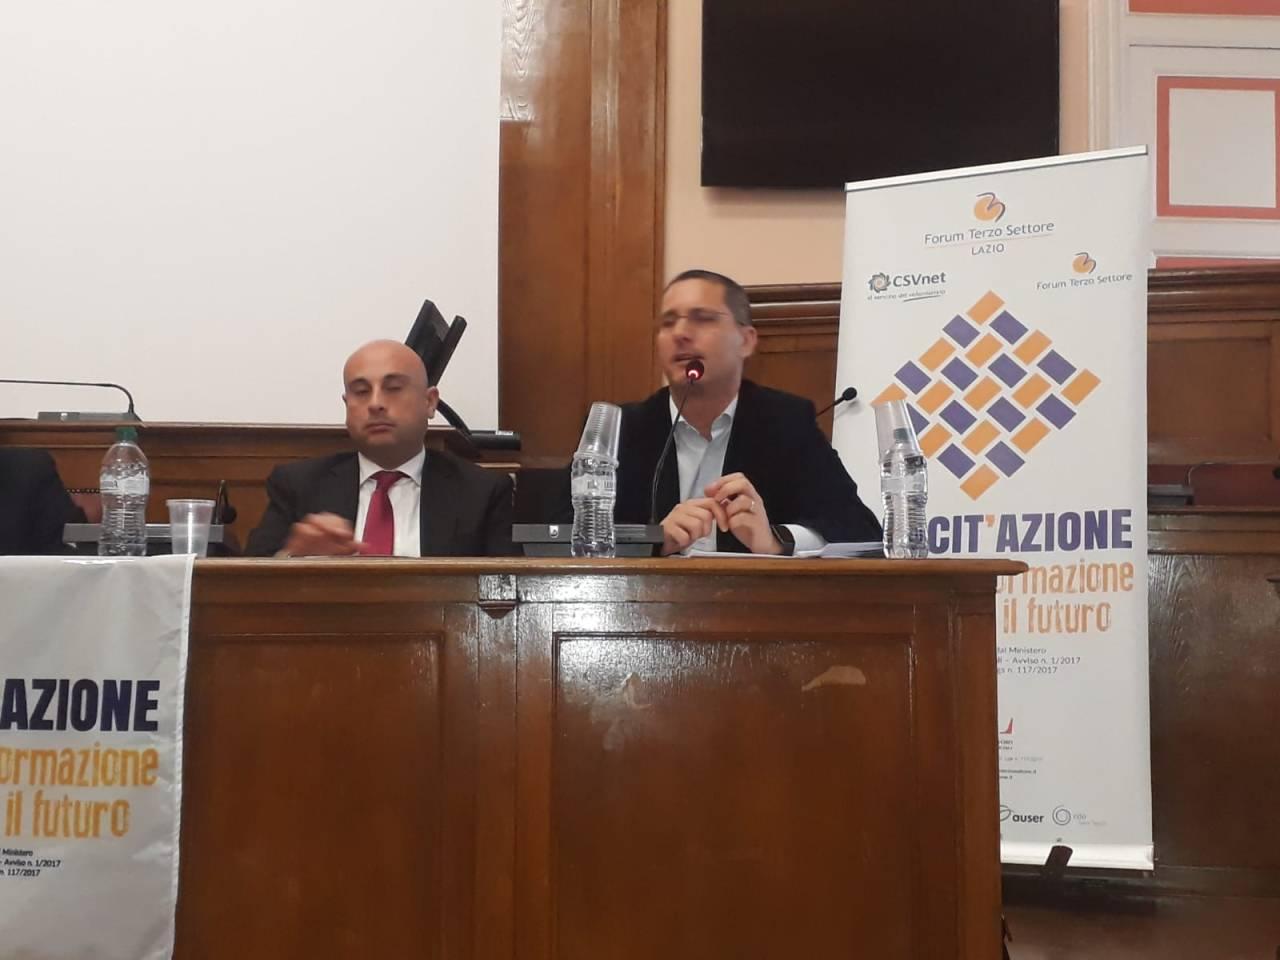 Il Forum del Terzo settore laziale a Campobasso, il progetto Capacit'Azione